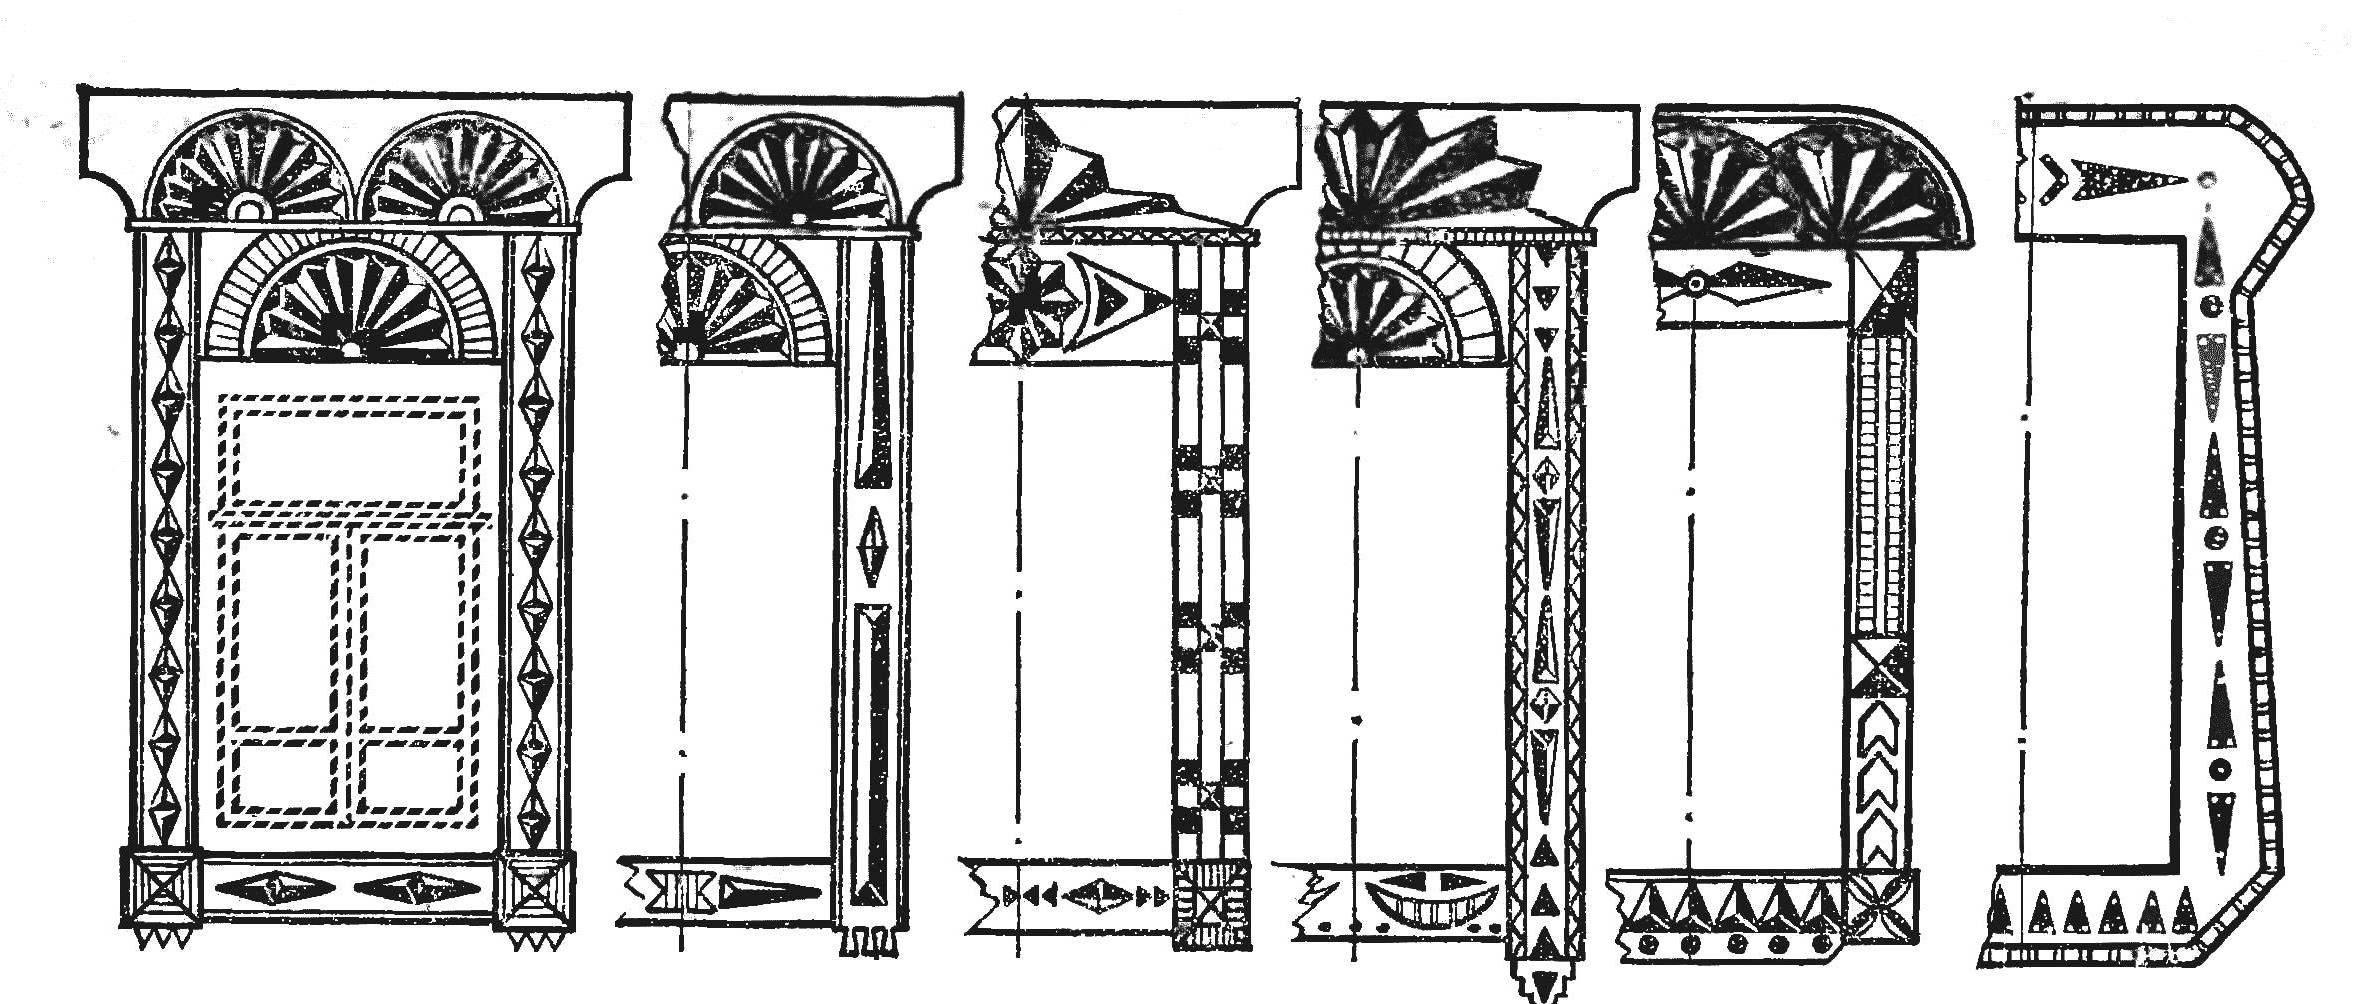 Рис. 15. Наличники с геометрическими орнаментами.